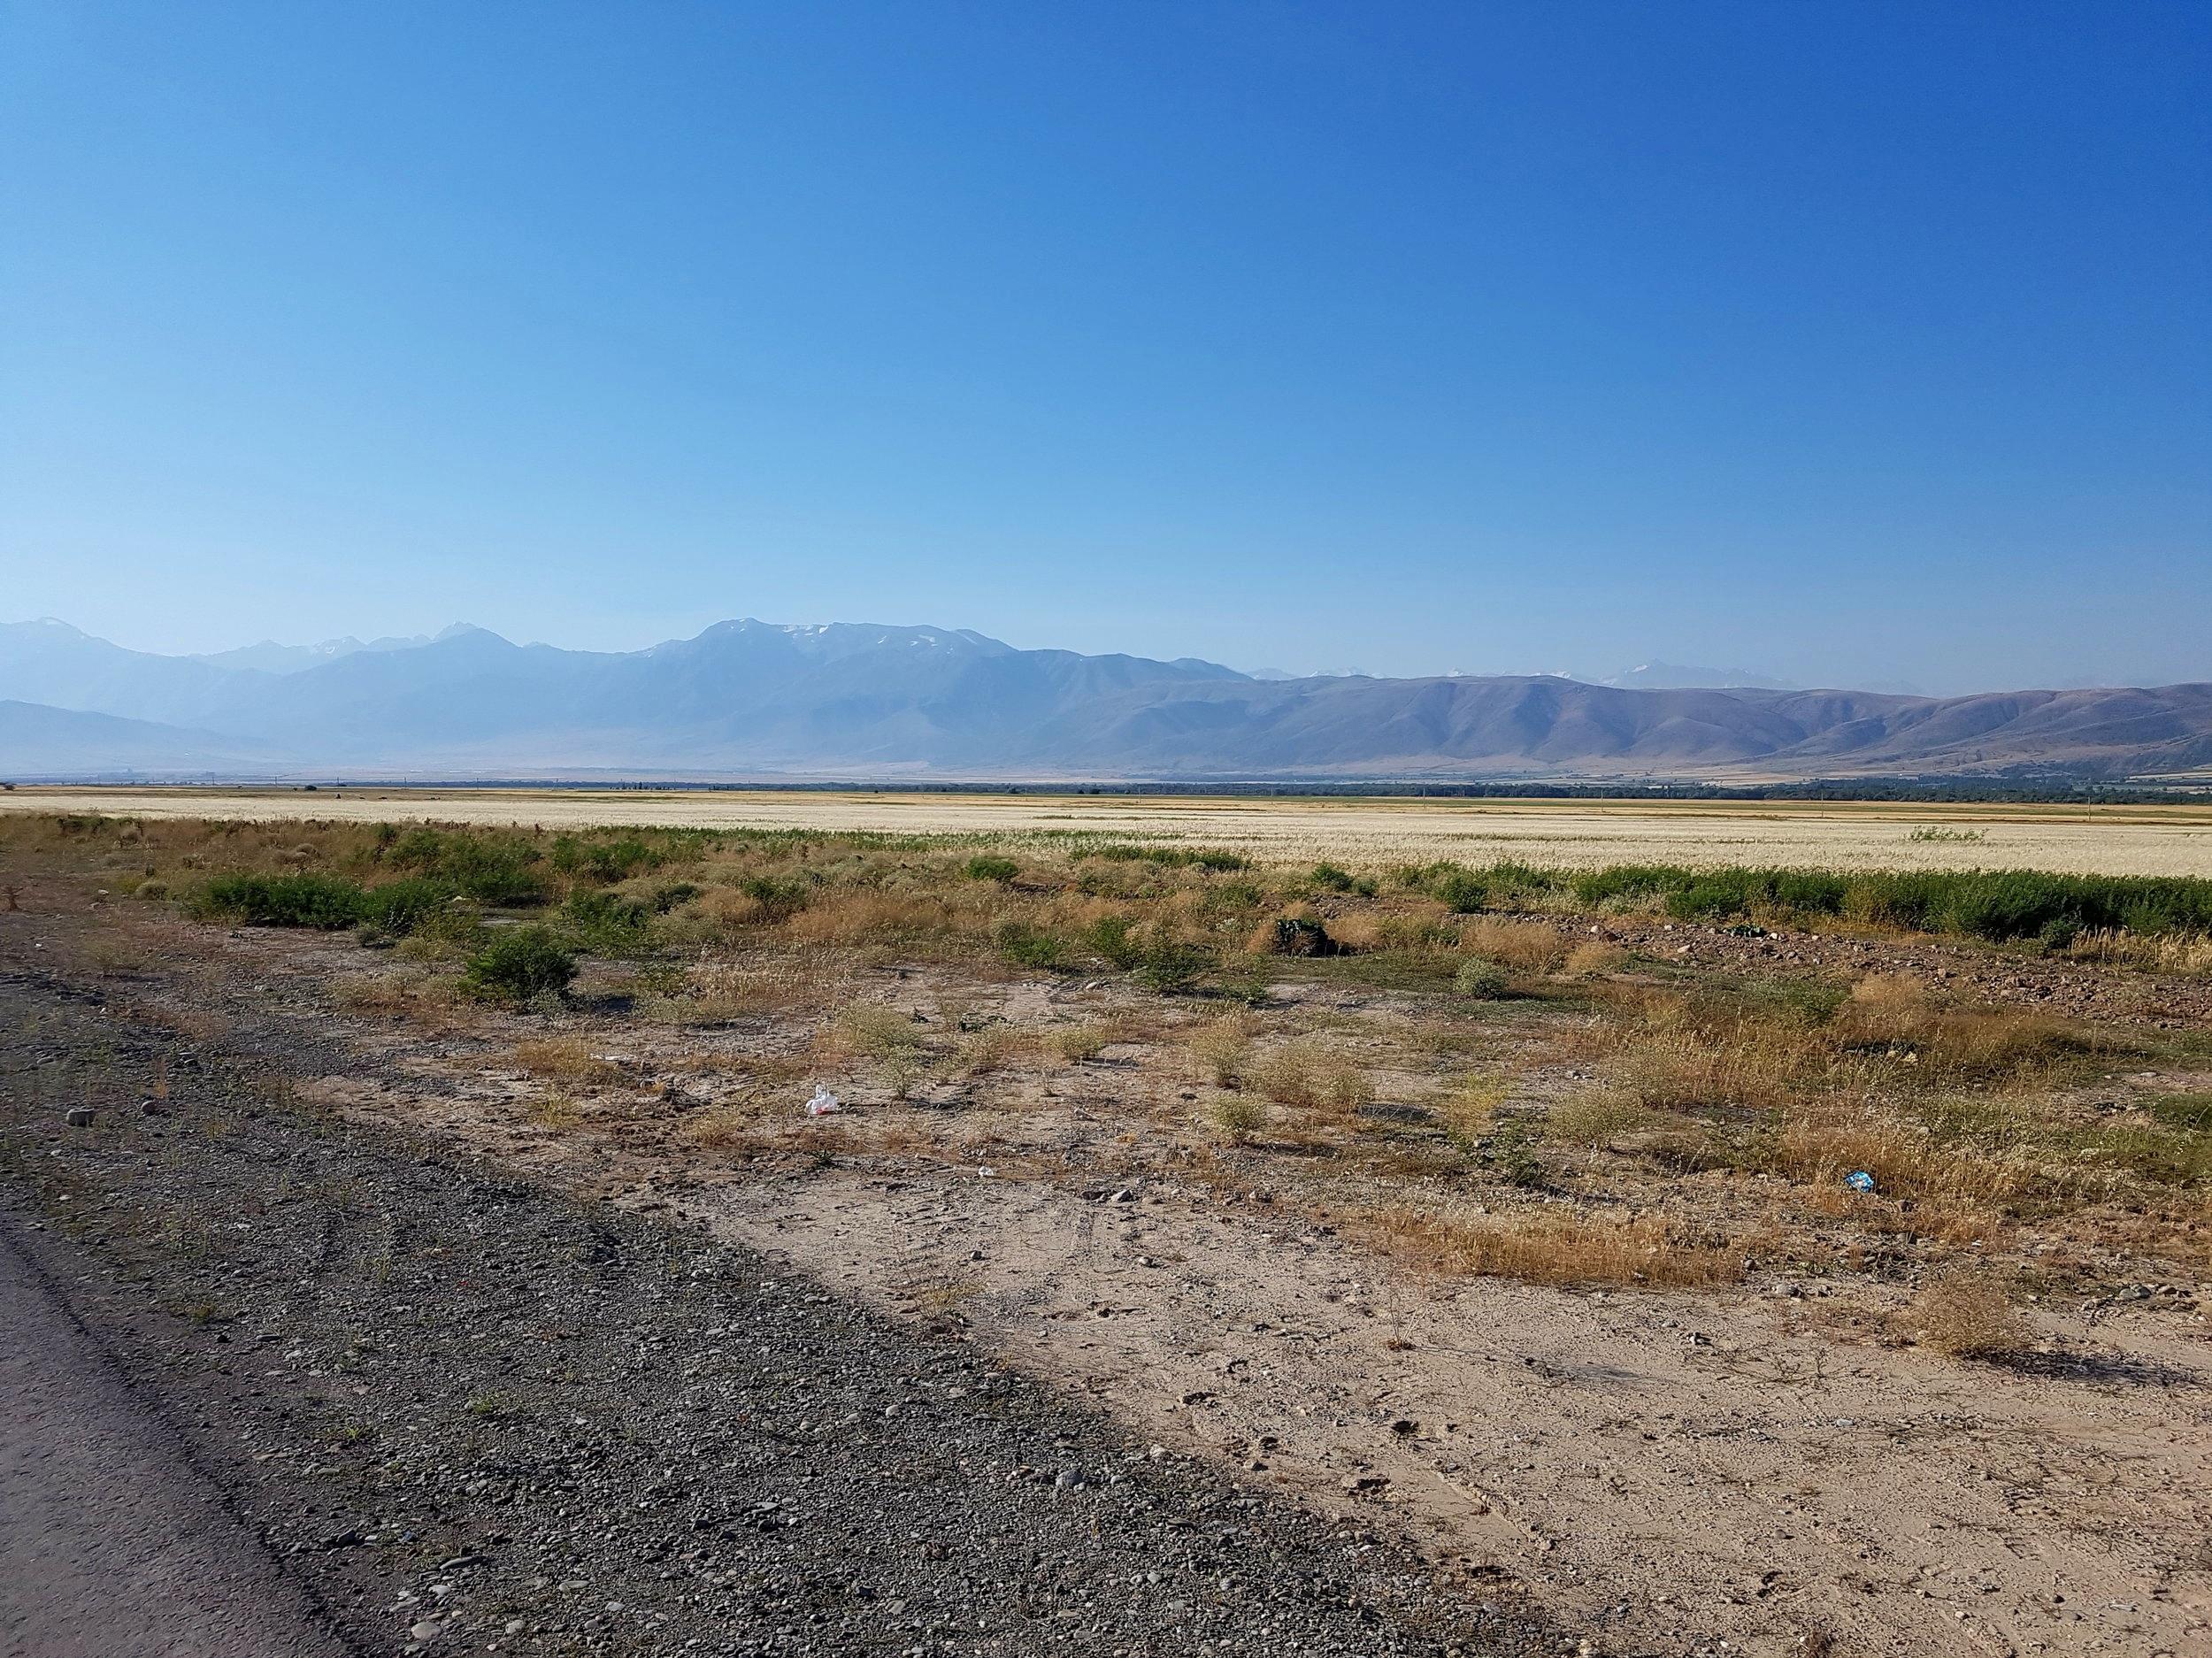 The desolate and beautiful Kazakhstani landscape.